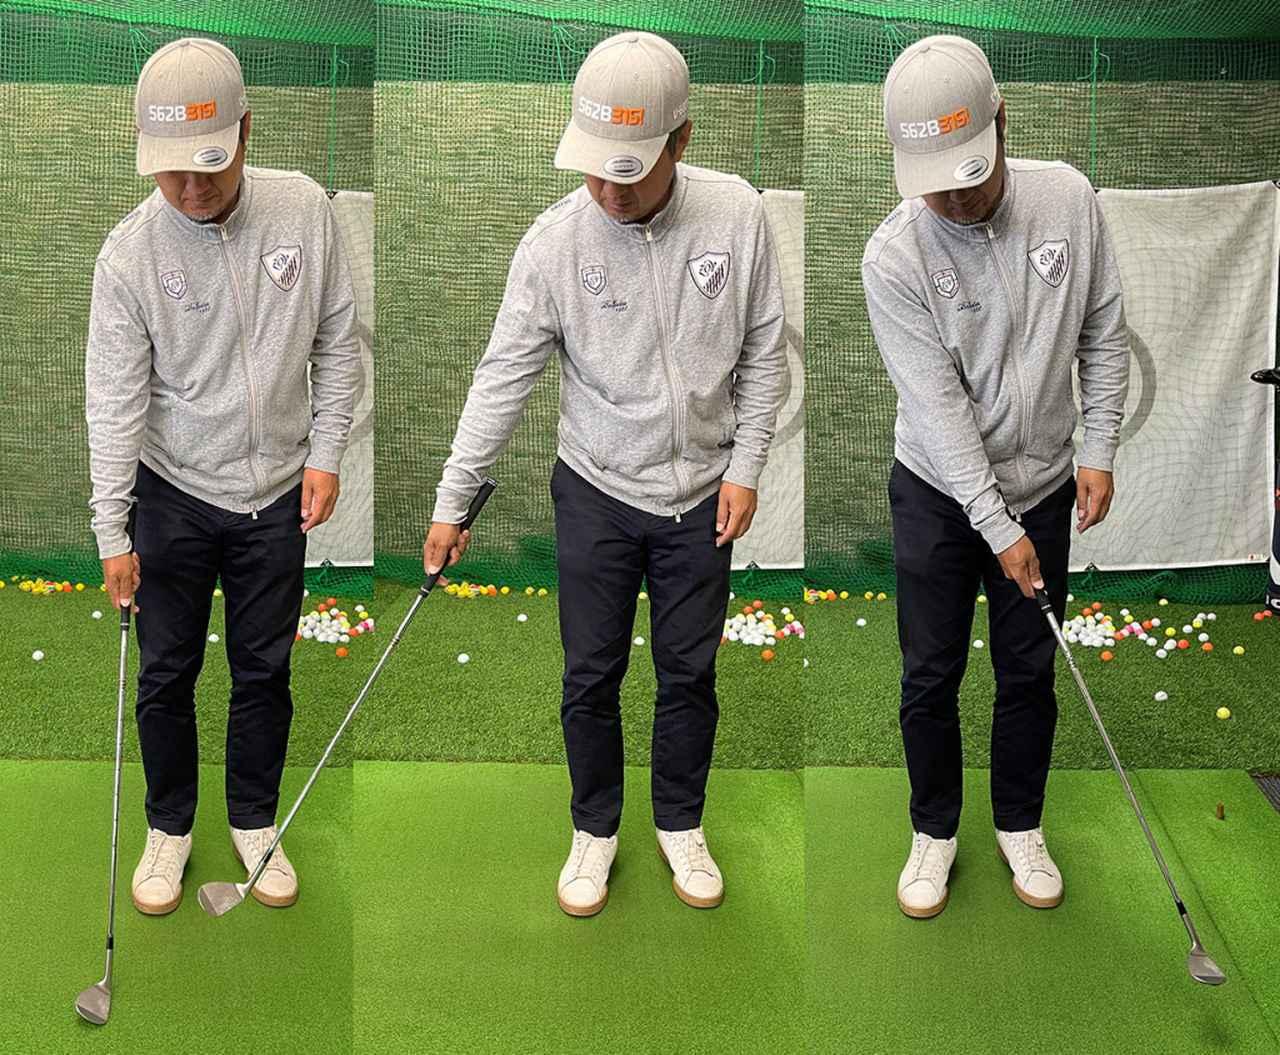 画像: 右手とクラブを真っ直ぐにして、肩を支点に振り子のようにクラブを振ります。ヘッドが地面に当たるところにボールを置きましょう